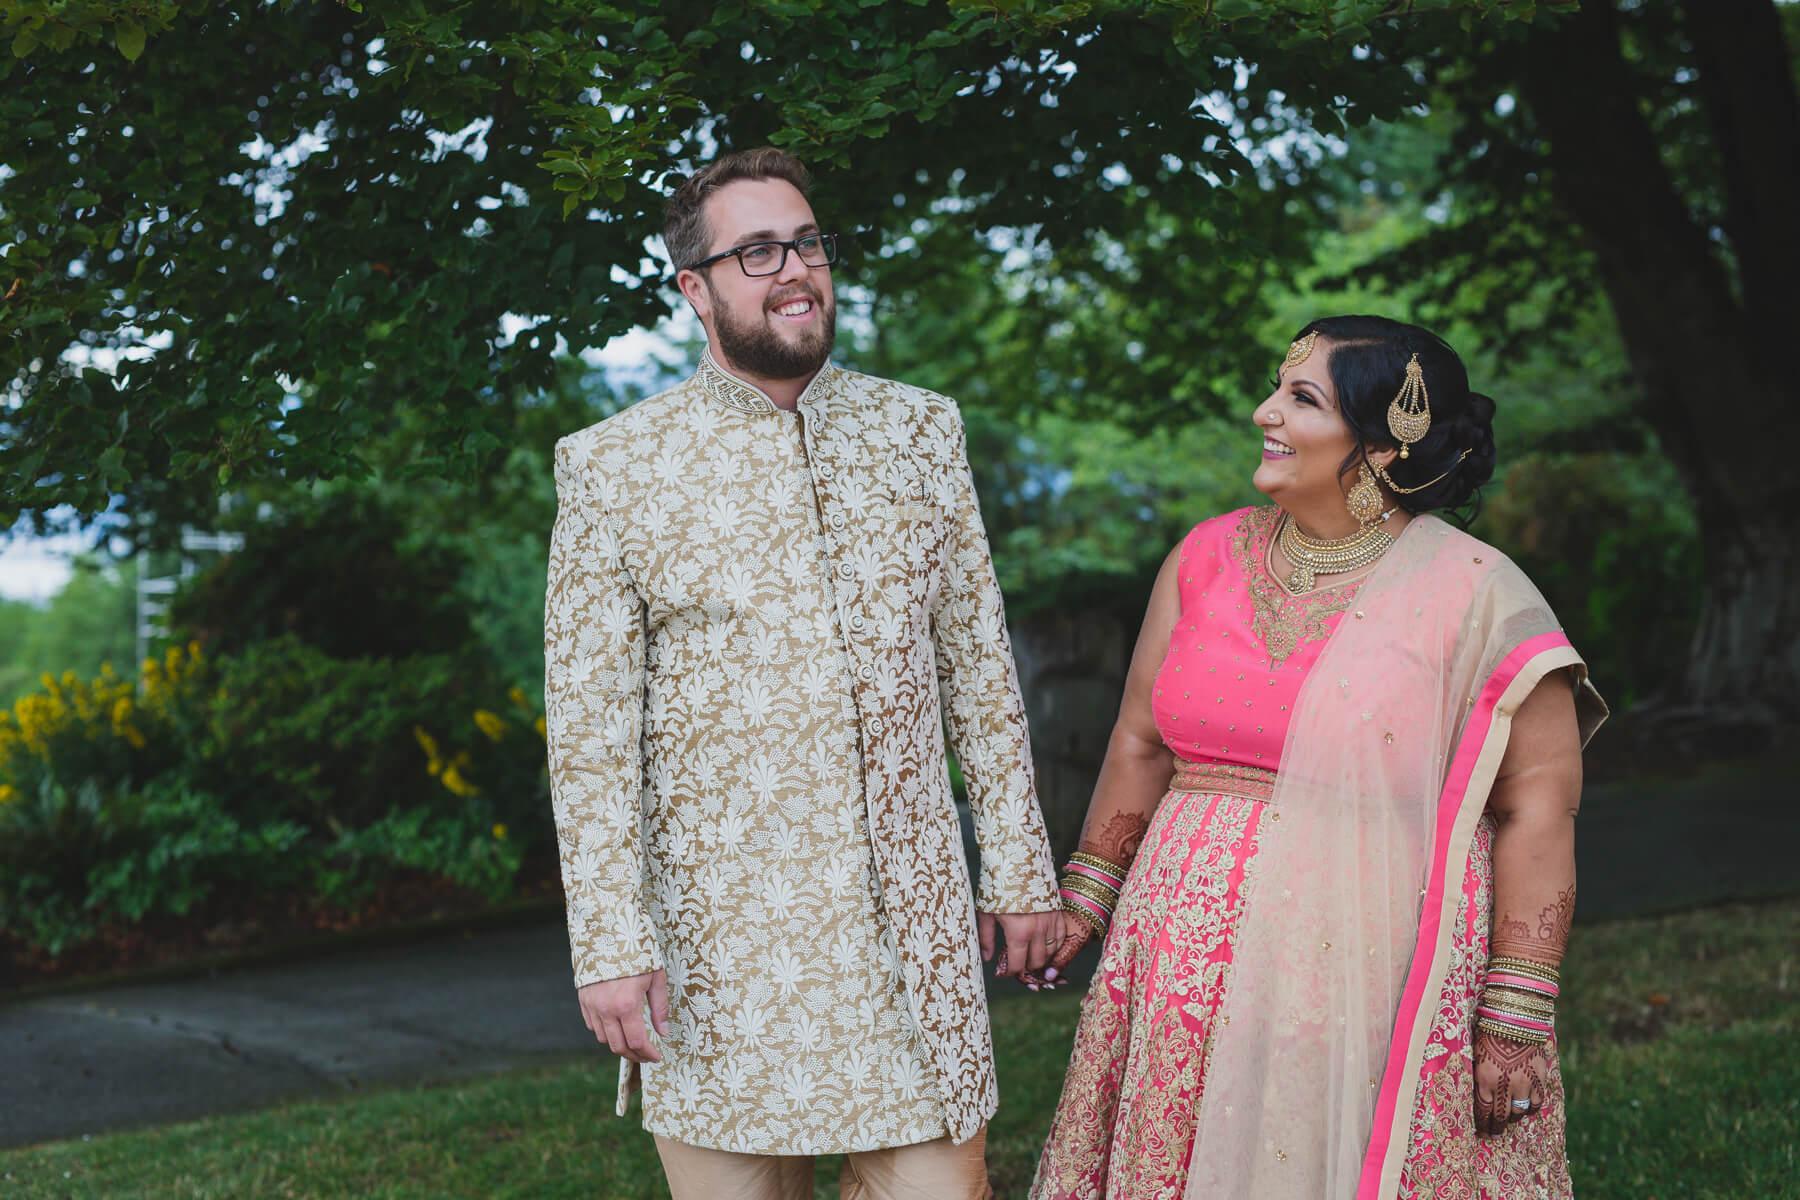 fusion wedding vancouver, couples photos